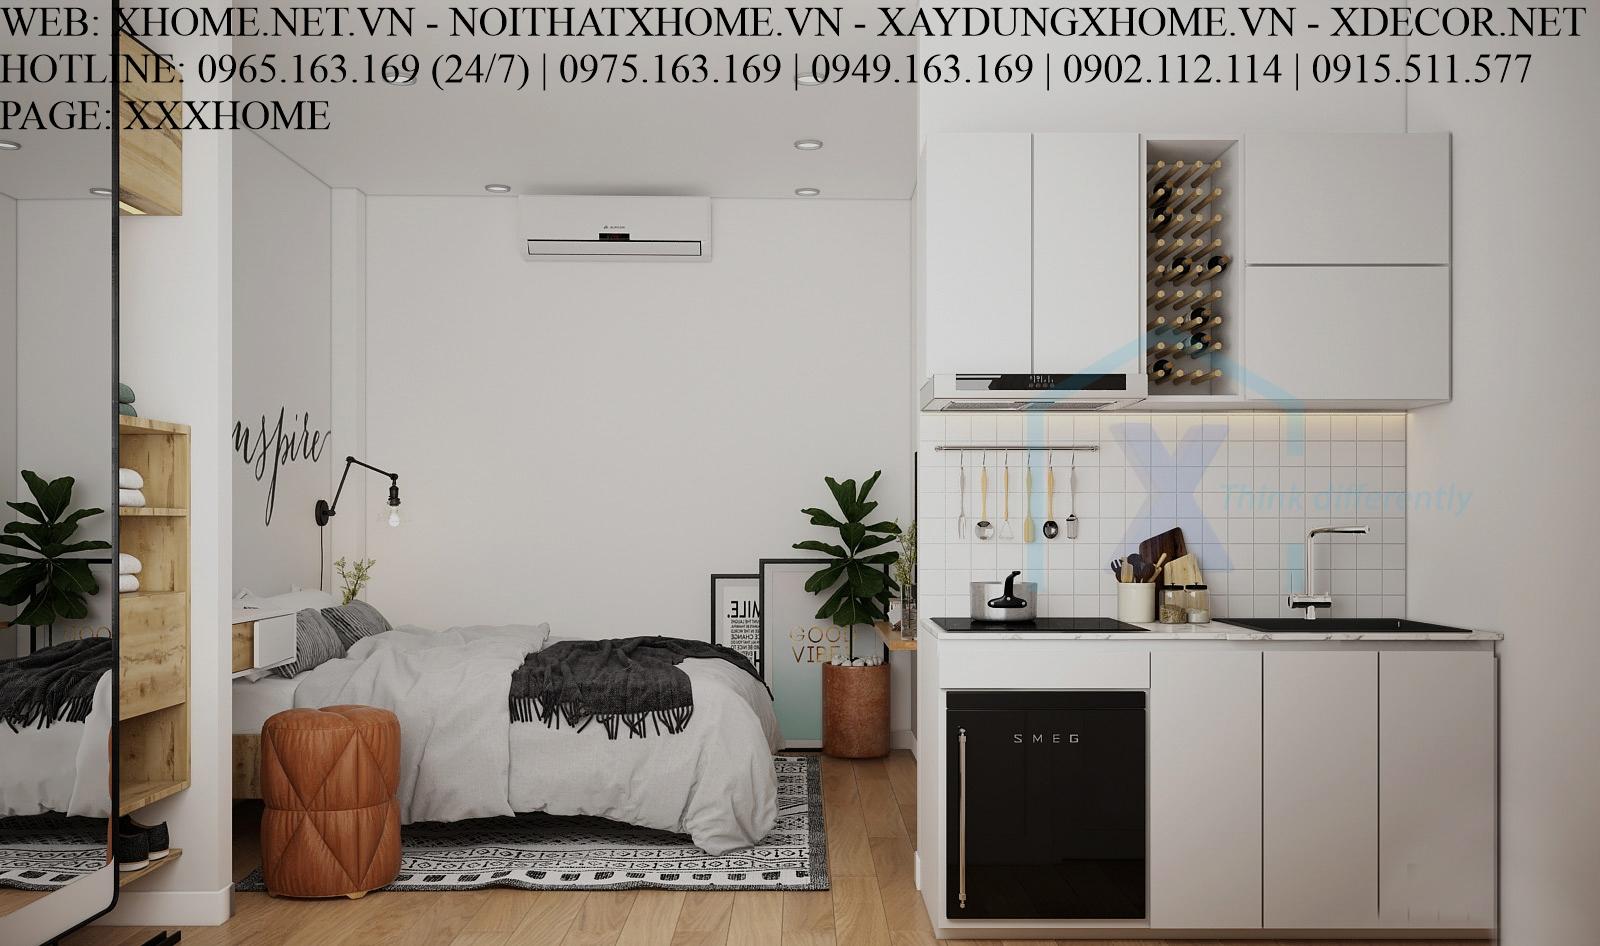 THIẾT KẾ THI CÔNG KIẾN TRÚC HOMESTAY X HOME HÀ NỘI XHOME03